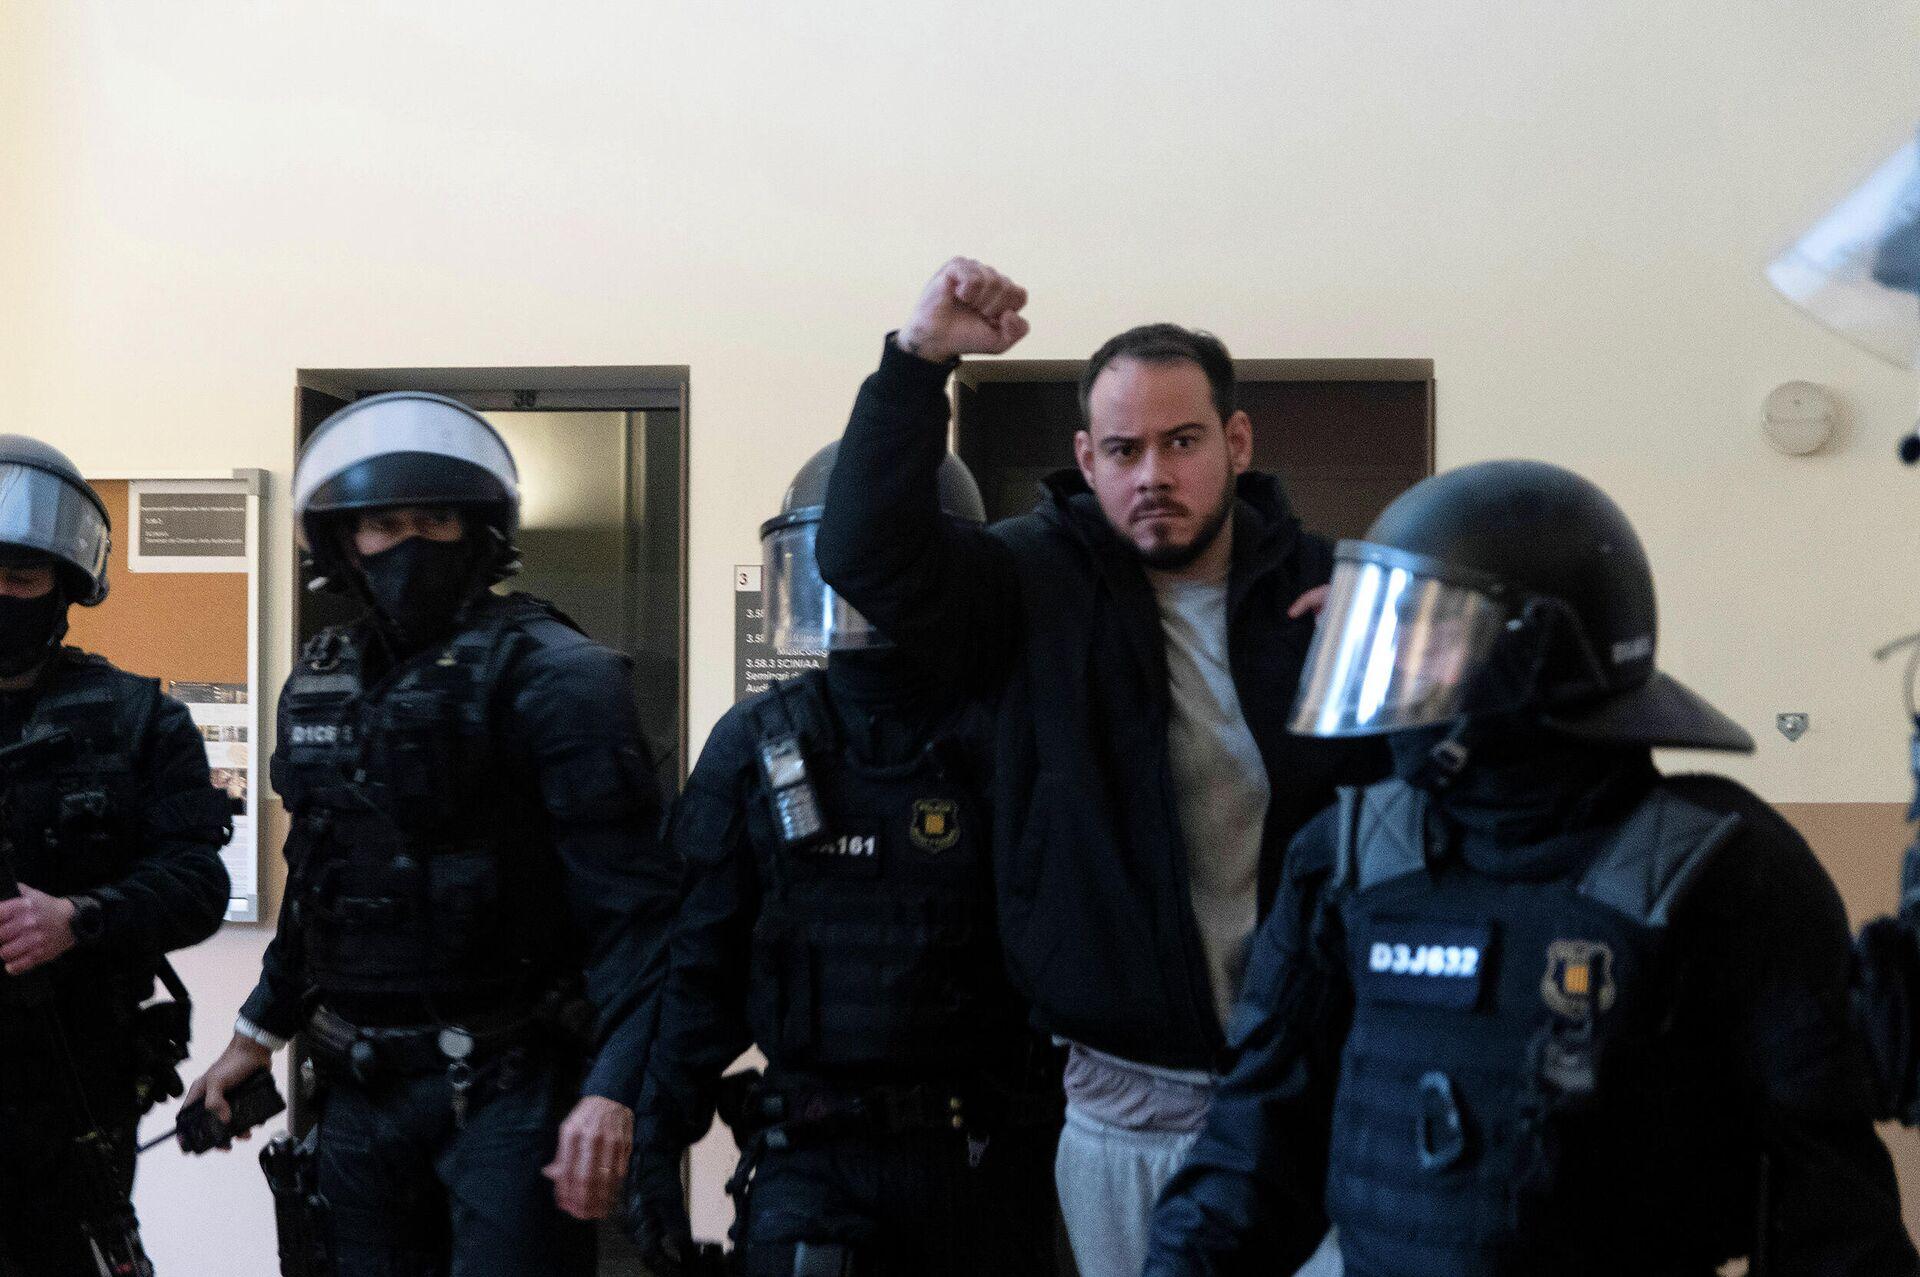 Песни в поддержку Донбасса. Из-за кого испанцы вышли на баррикады